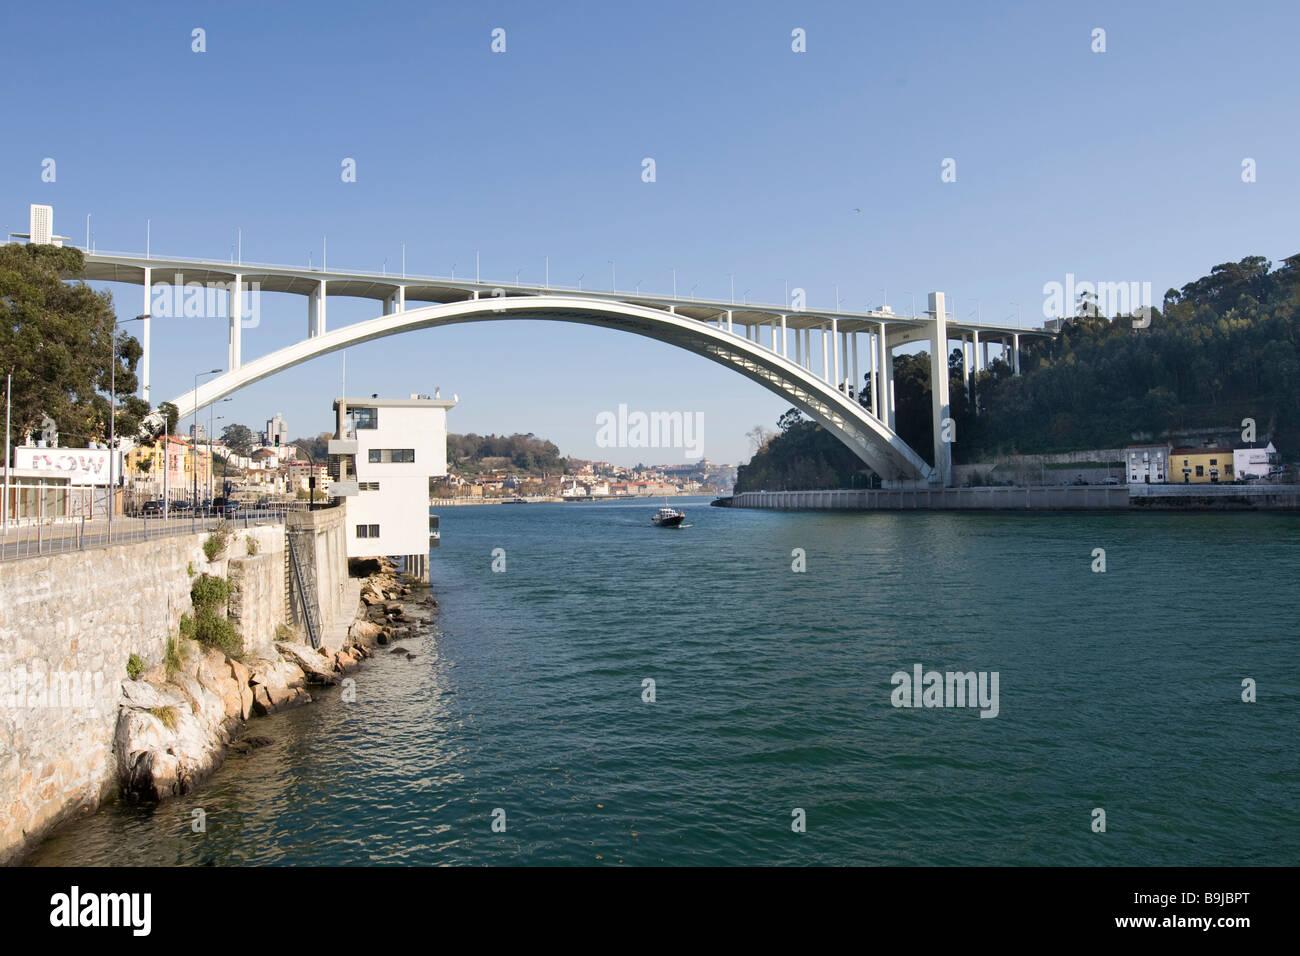 Ponte da Arrabida Bridge, Porto, UNESCO World Cultural Heritage Site, Portugal, Europe Stock Photo